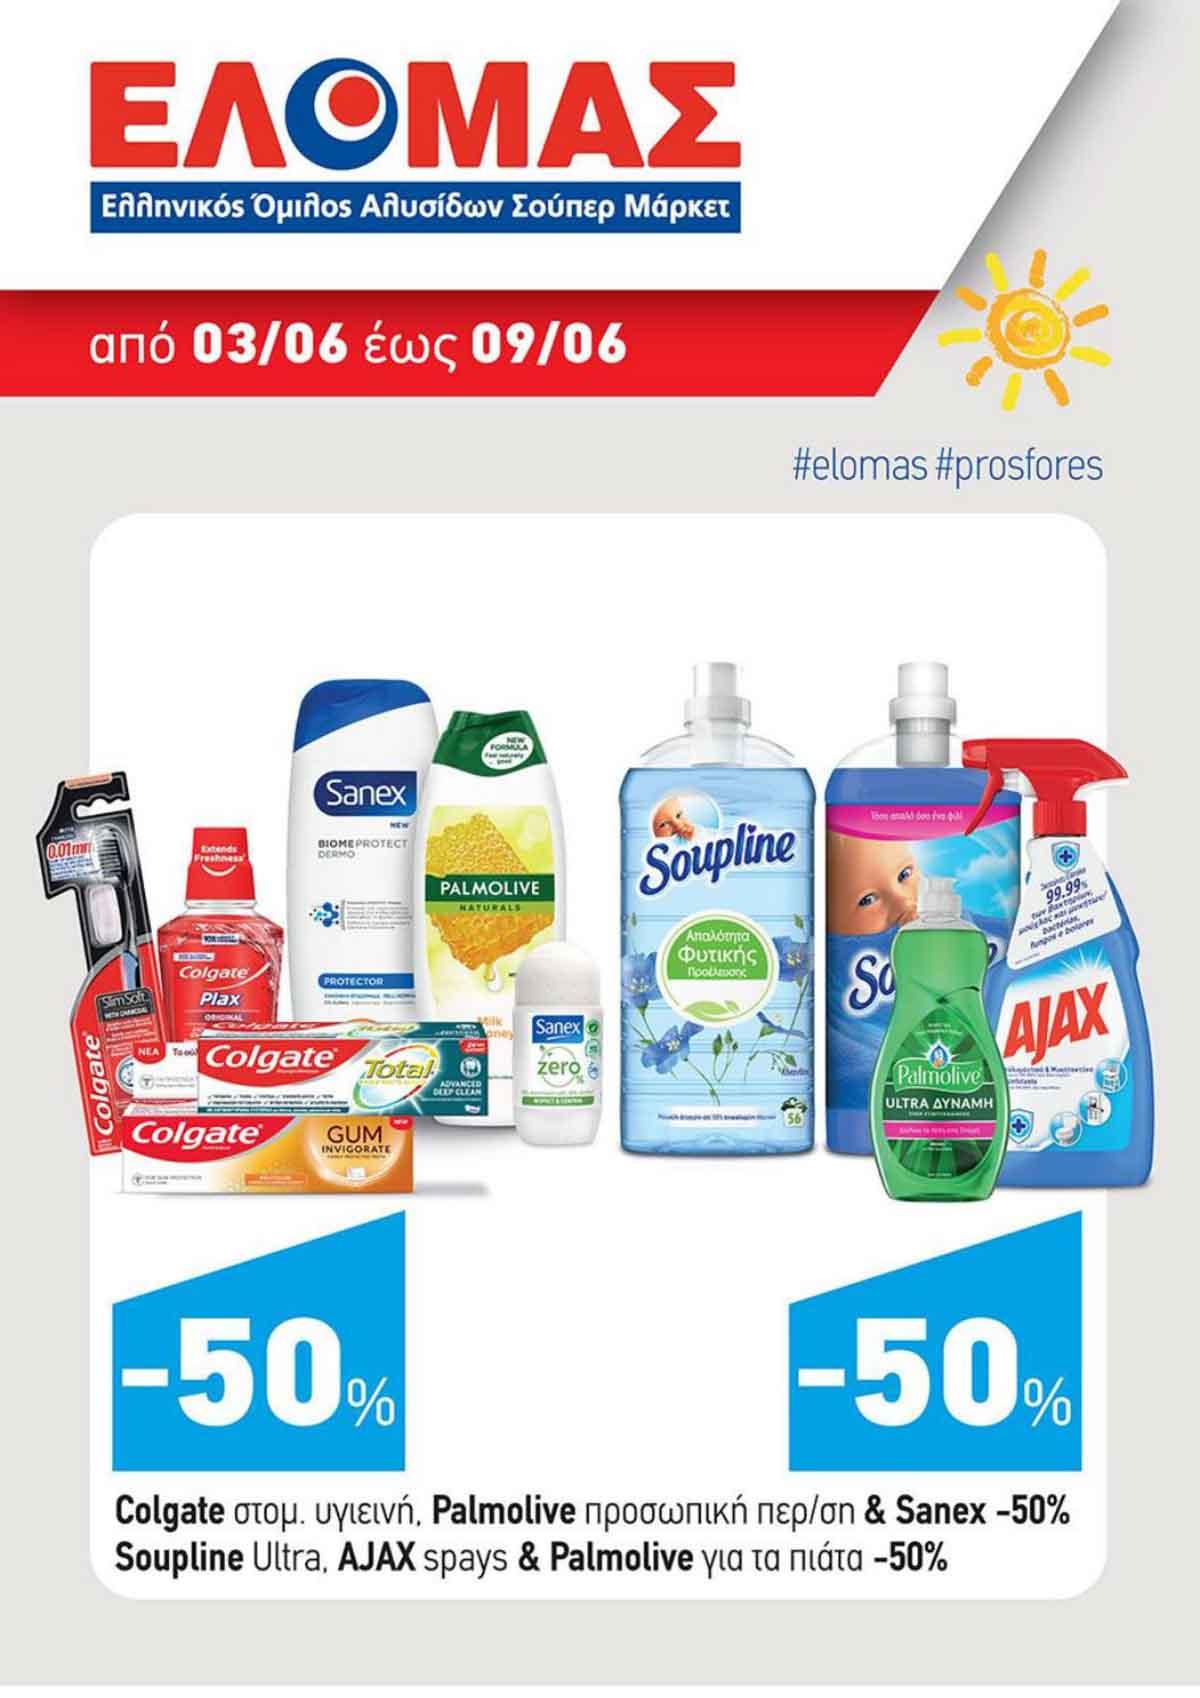 elomas-fylladio-prosfores-elomas-super-market- (3)